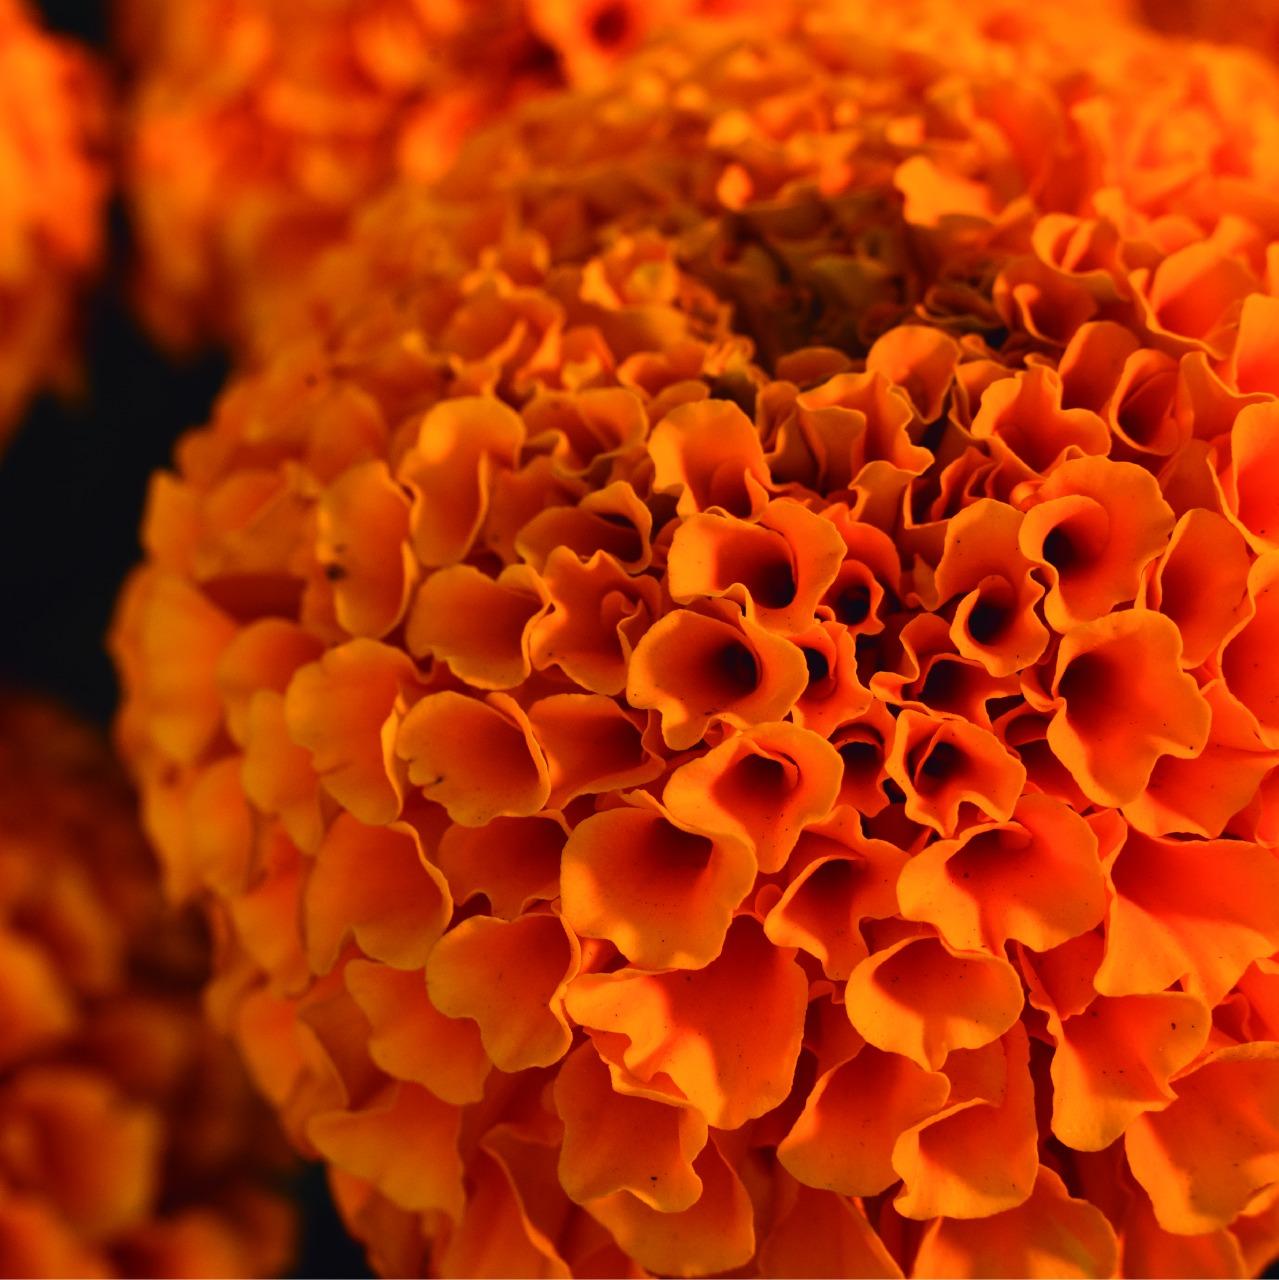 ¿Cómo se relaciona la flor de cempasúchil con la celebración  del día de muertos? sigue leyendo y descúbrelo aquí